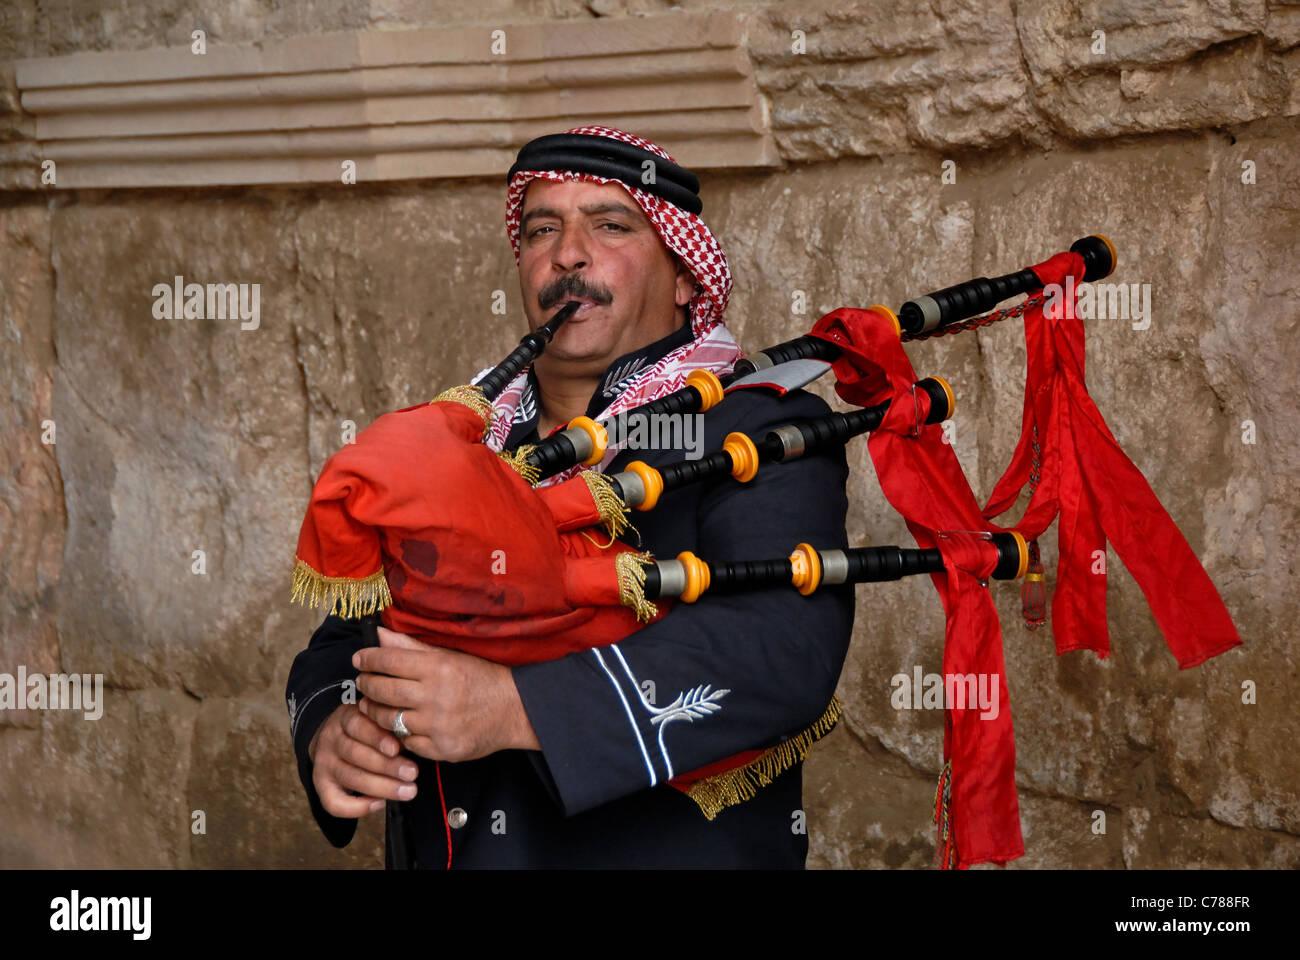 Bagpiper giordana con un rosso cornamuse contro una parete. Foto Stock